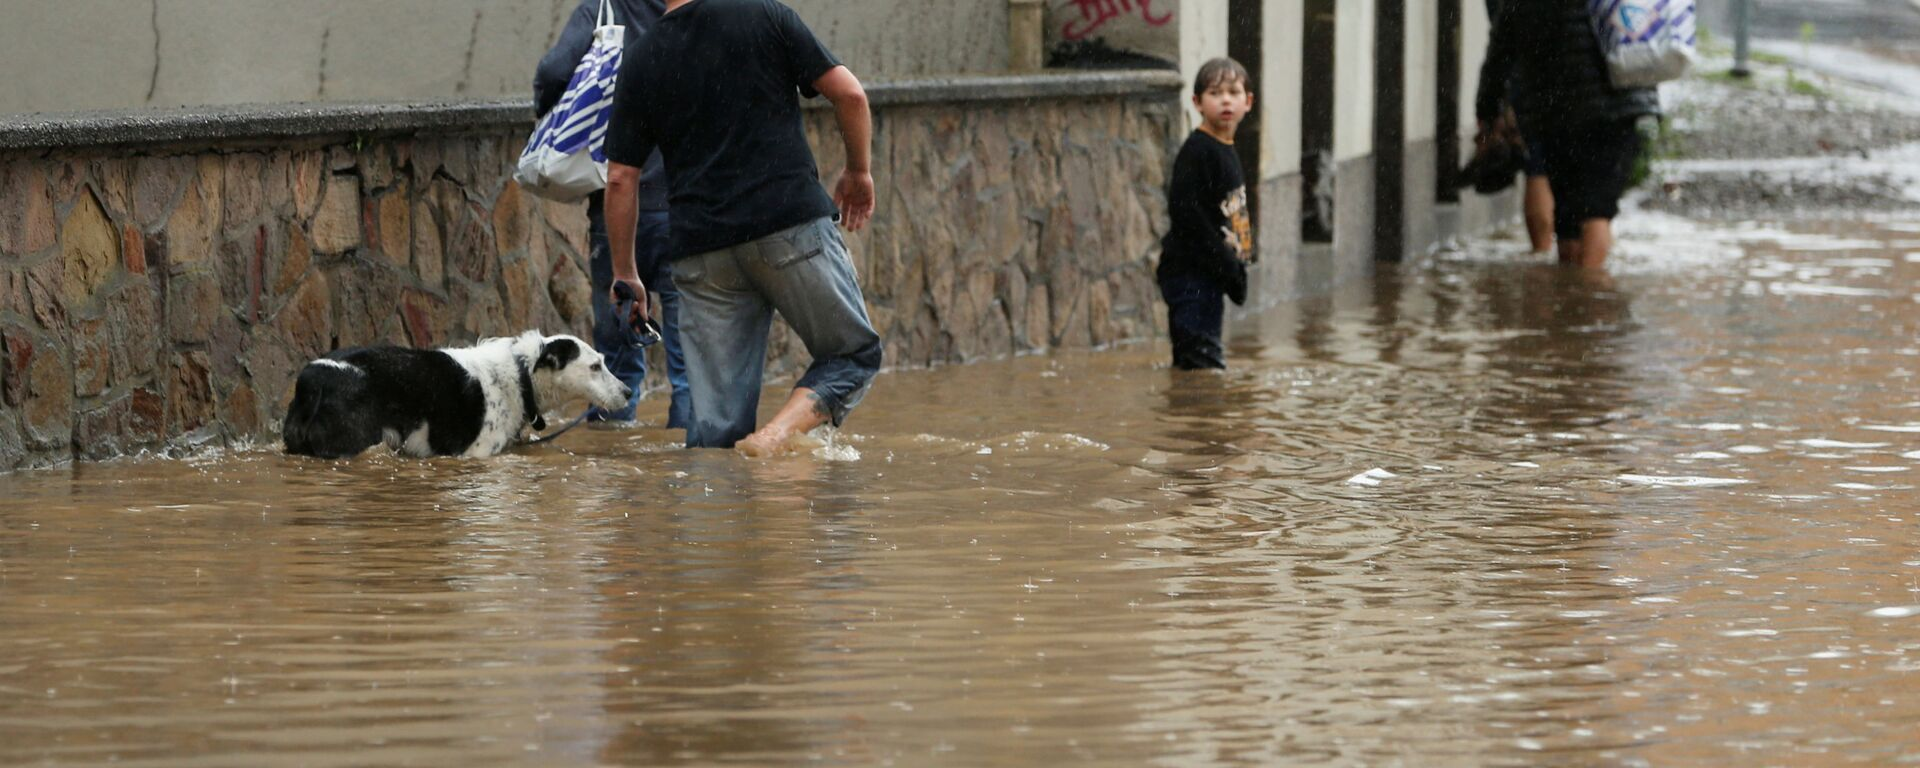 Люди идут по затопленной улице после проливных дождей в Хагене, Германия - Sputnik Латвия, 1920, 26.07.2021